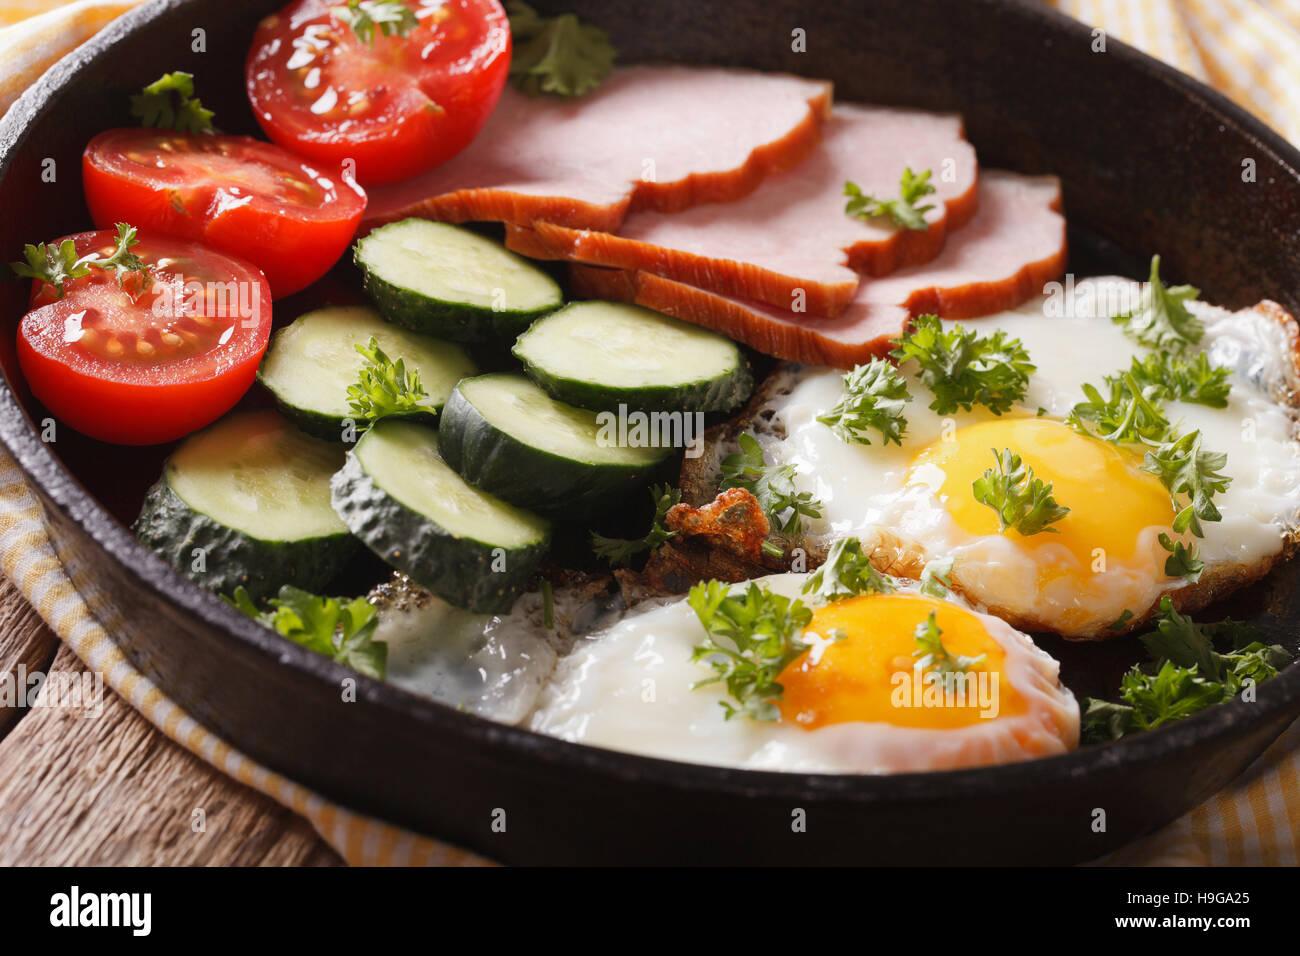 Petit-déjeuner fait maison: oeufs au plat avec du jambon et des légumes dans une casserole close Photo Stock